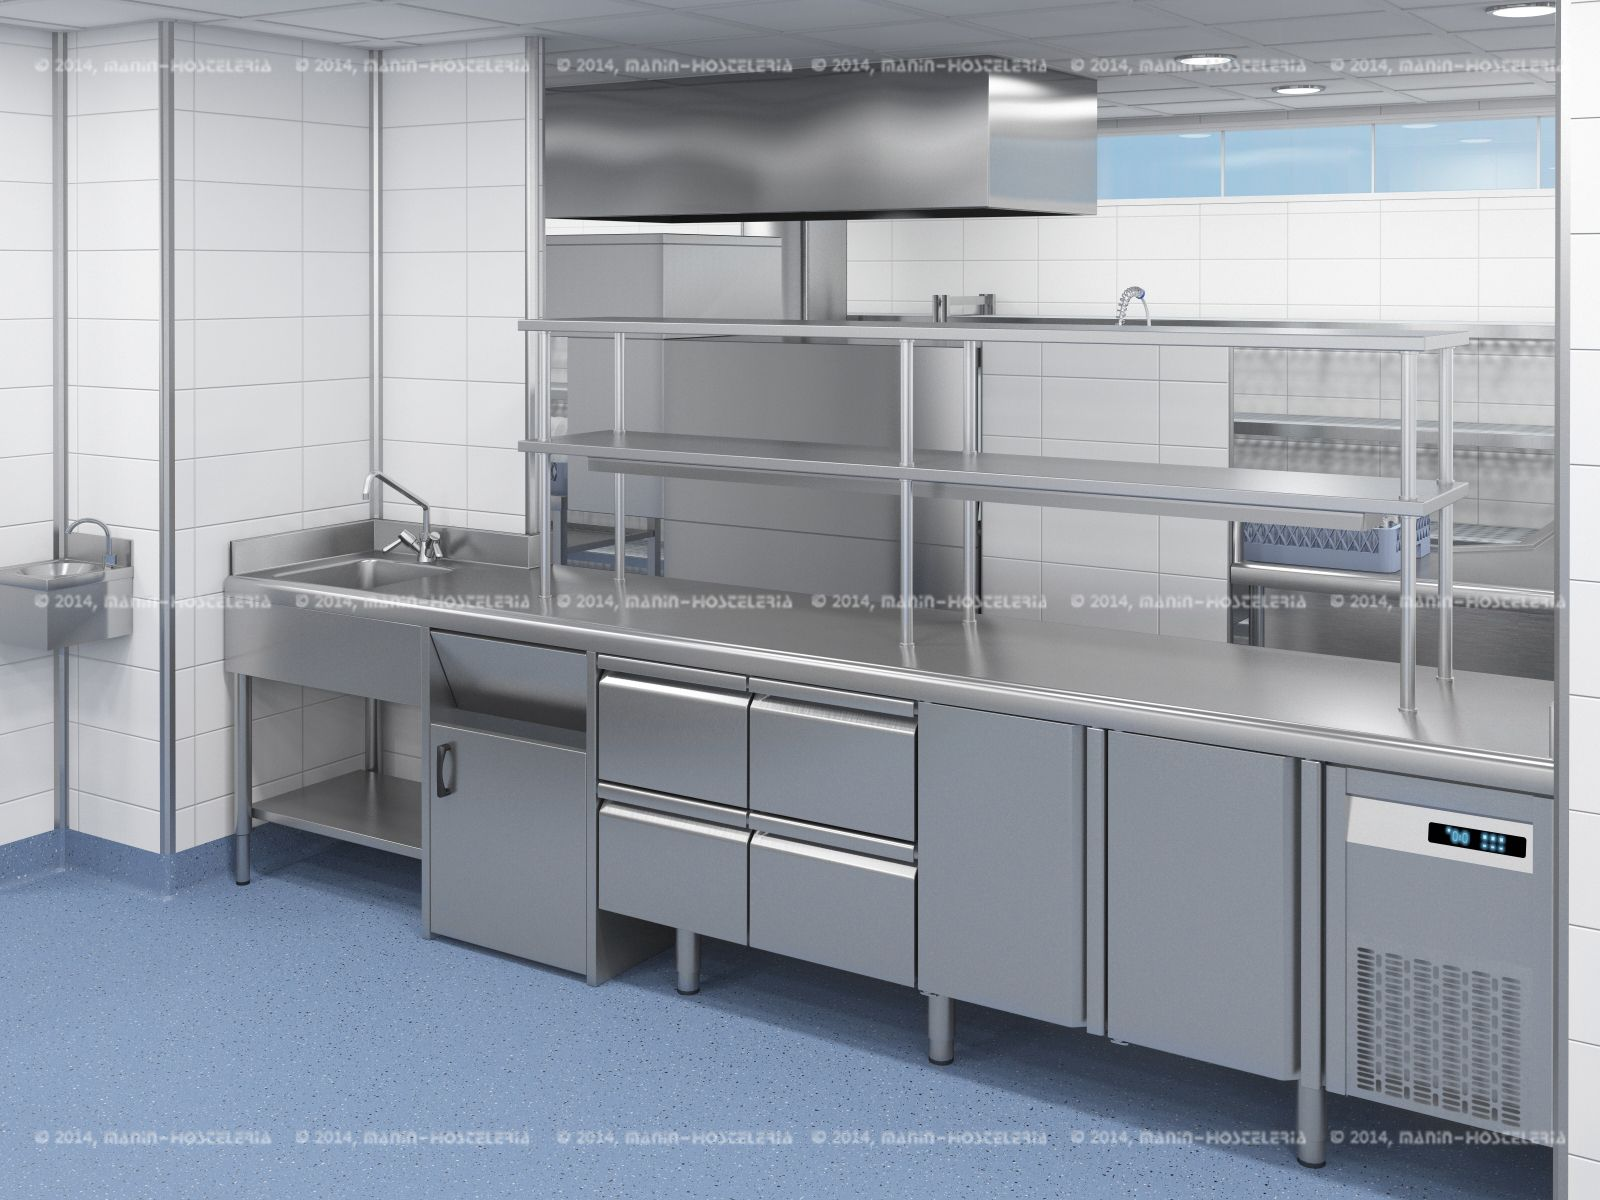 Dise O De Cocina Industrial En 3d Y Cad Con Rea De